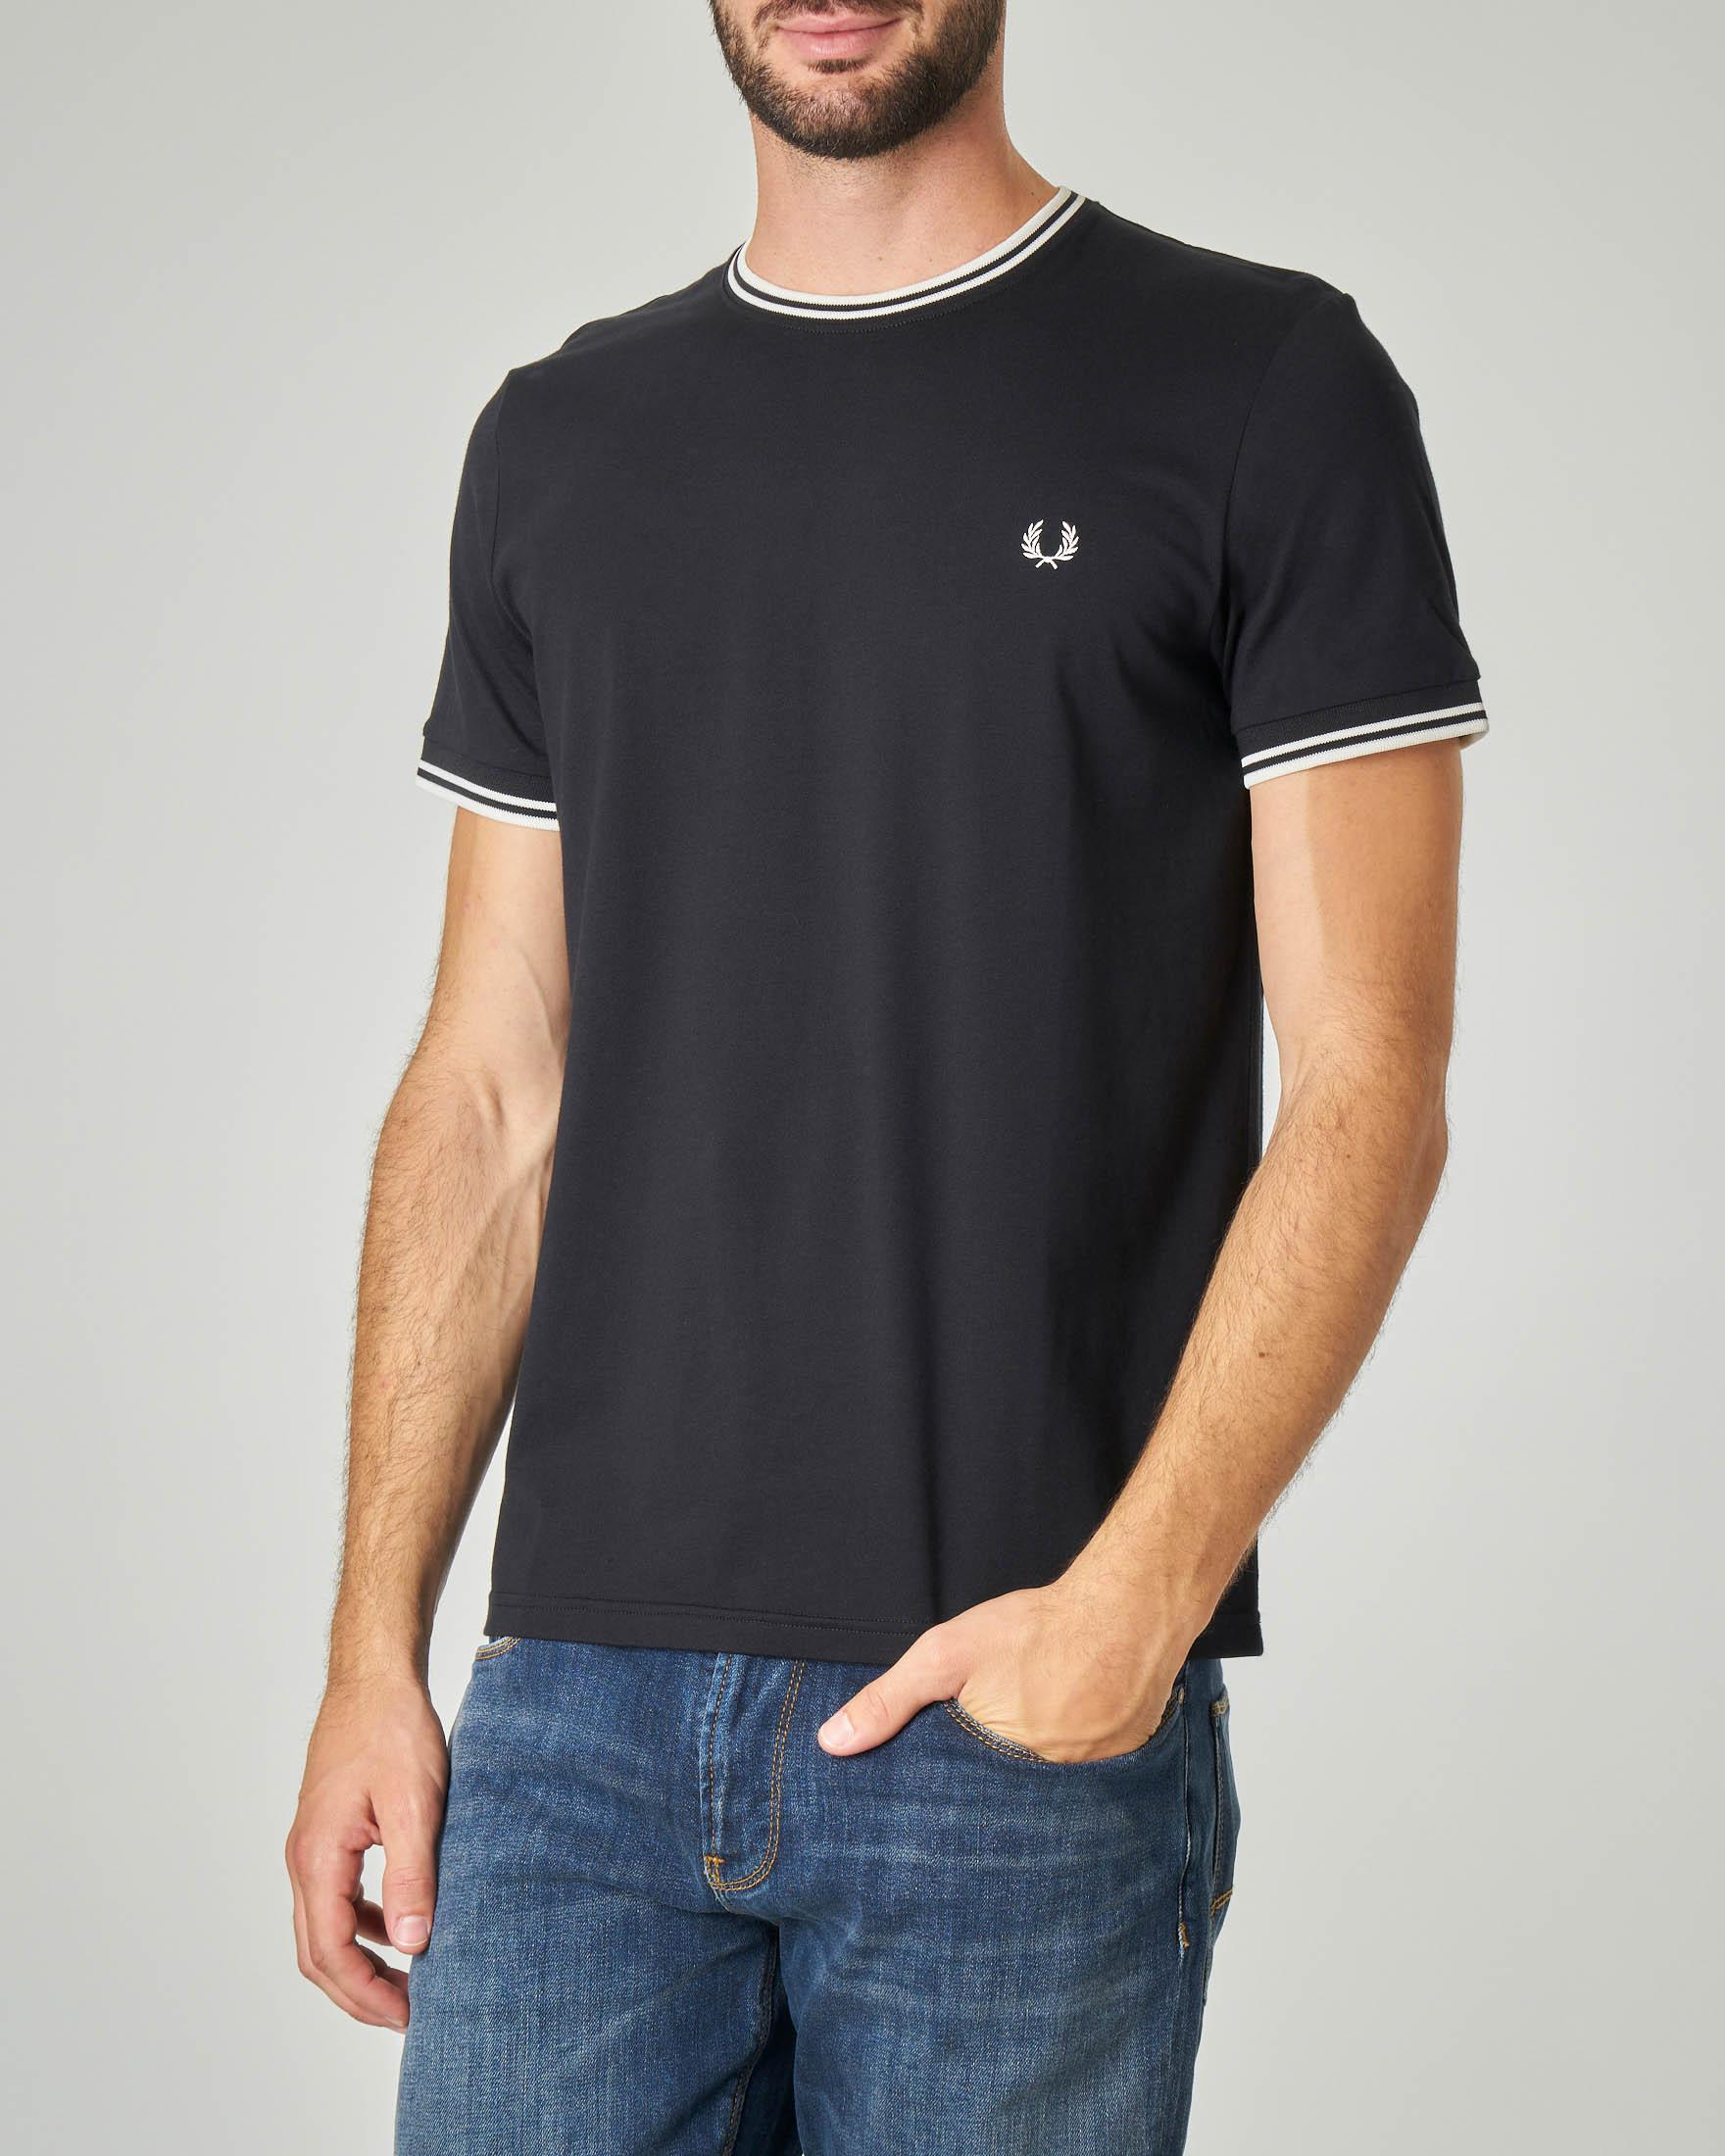 T-shirt nera con bordini e logo